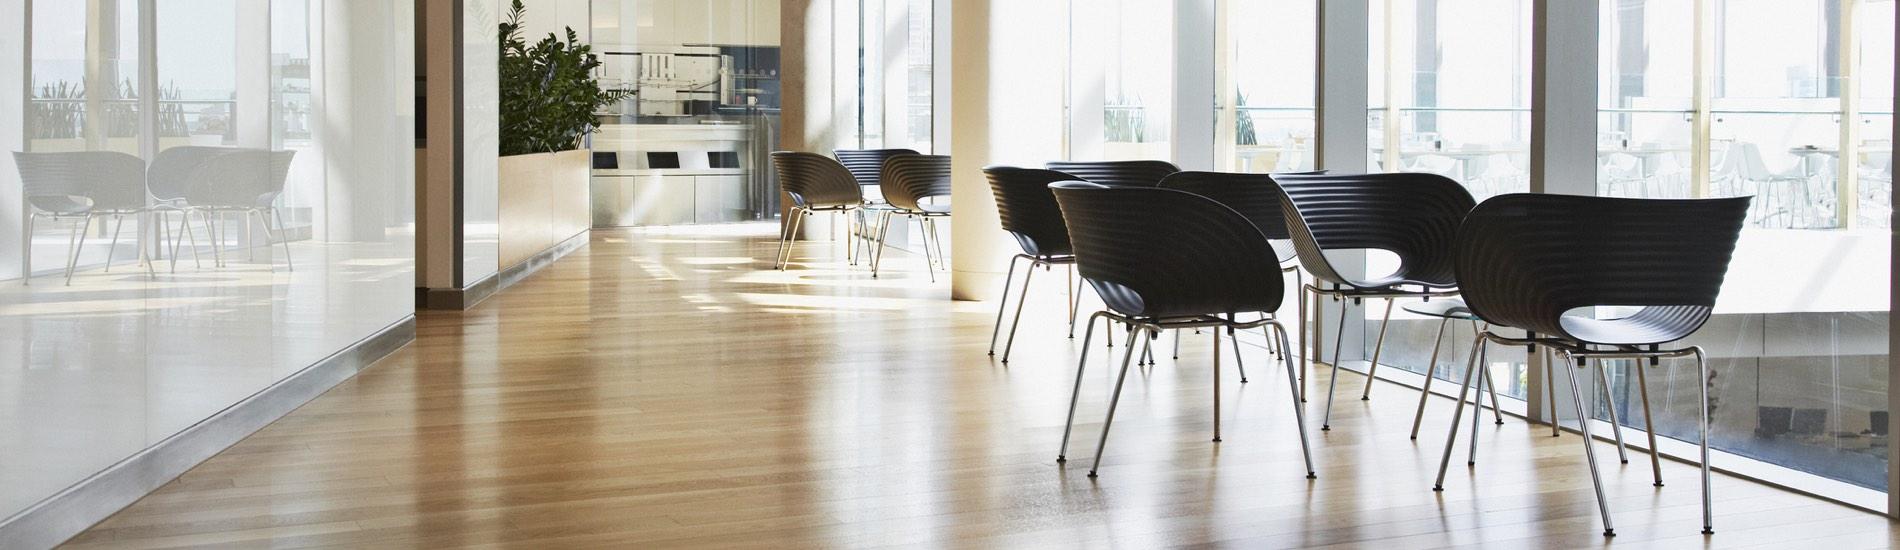 Raumconcept | Objekt-Raumgestaltung für Büro, Ladengeschäft & Co.